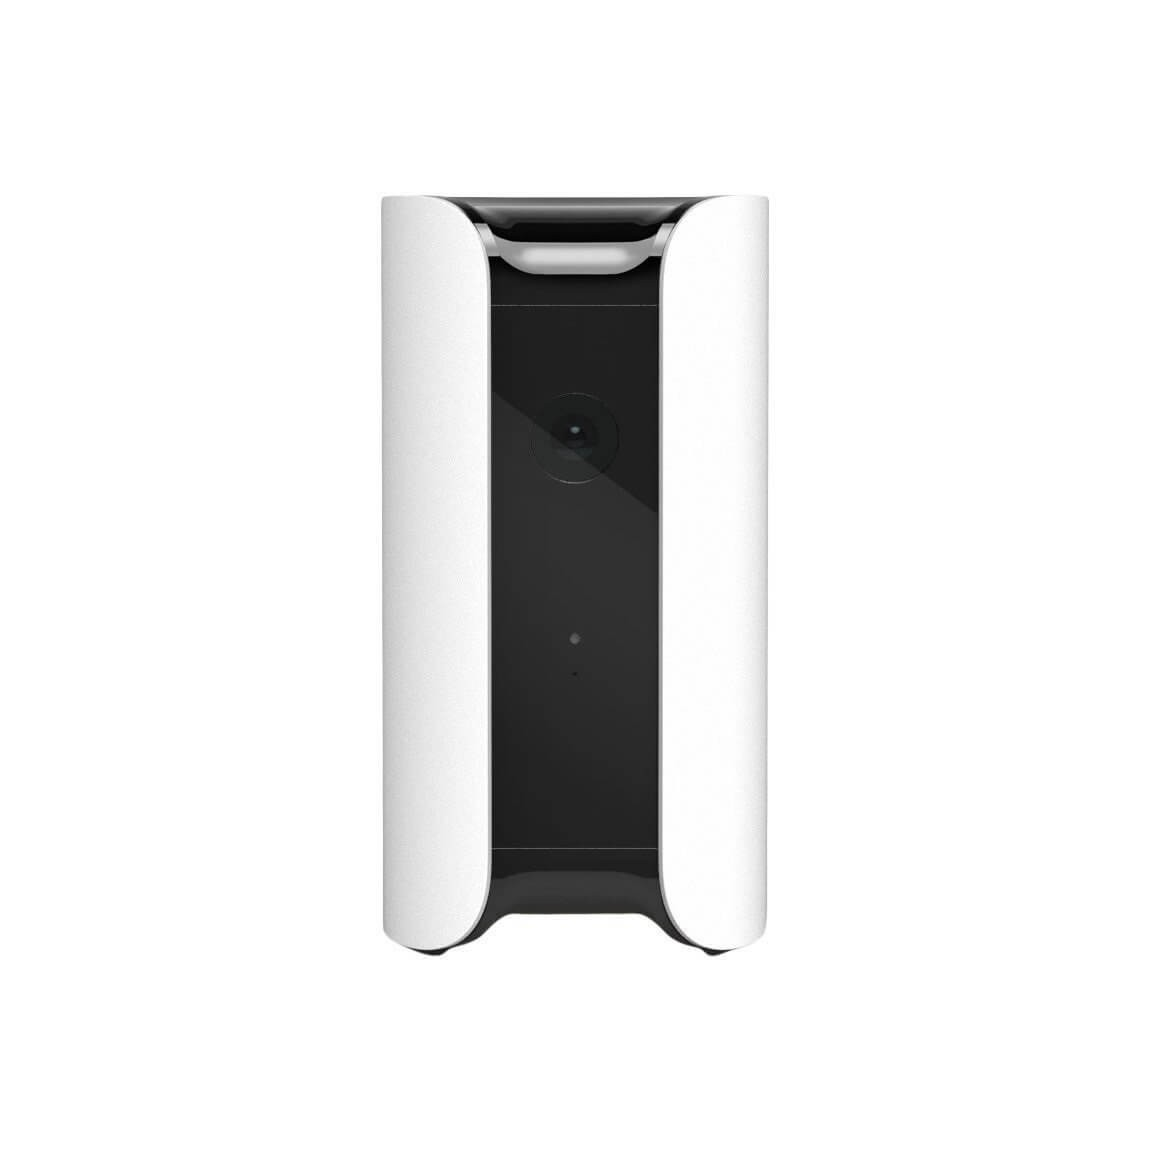 Canary - All-in-One Sicherheitssystem und Kamera